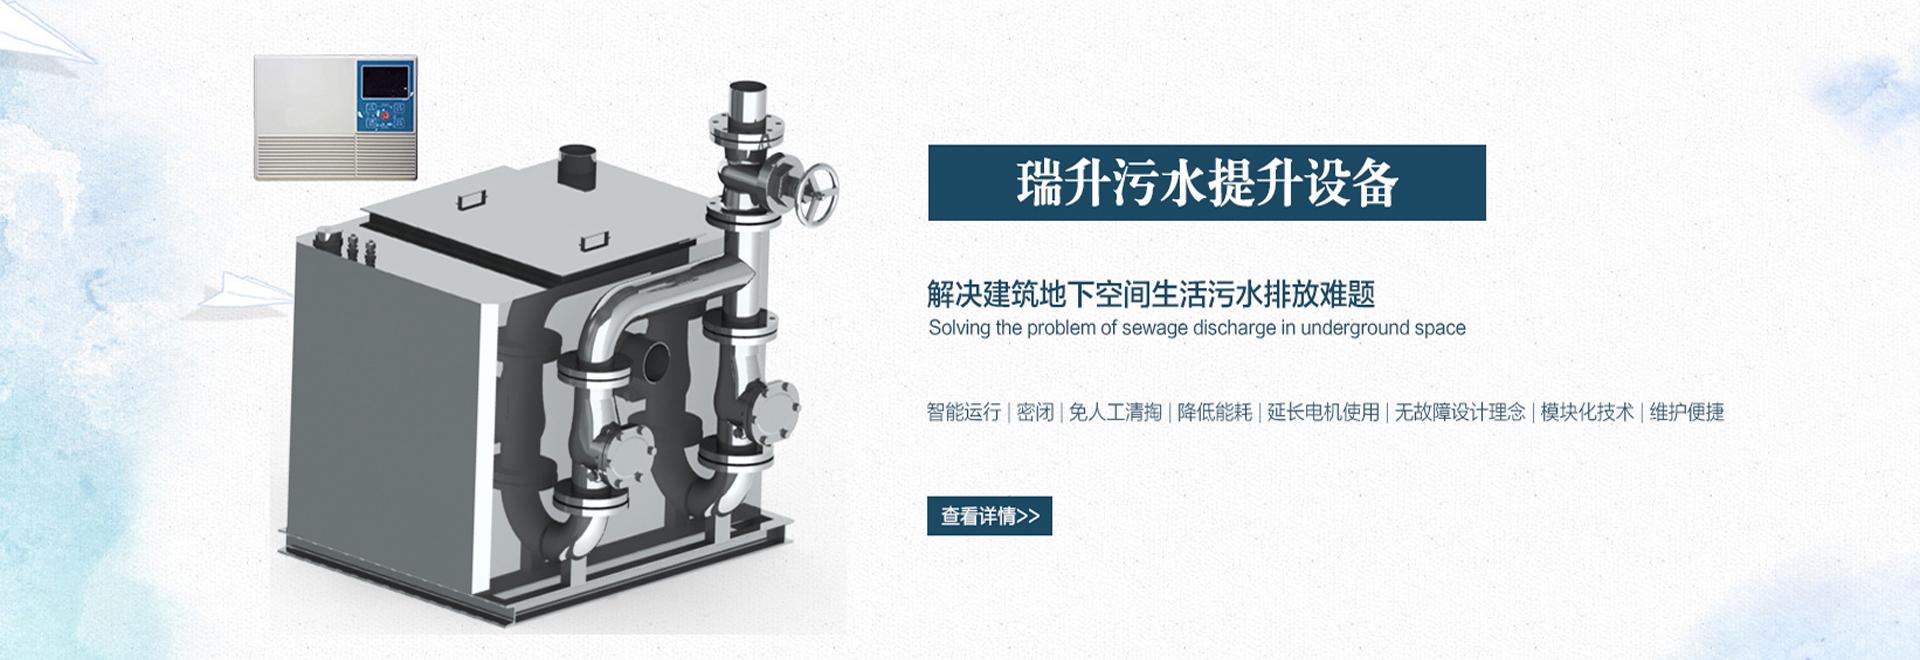 南京瑞升机械制造有限公司